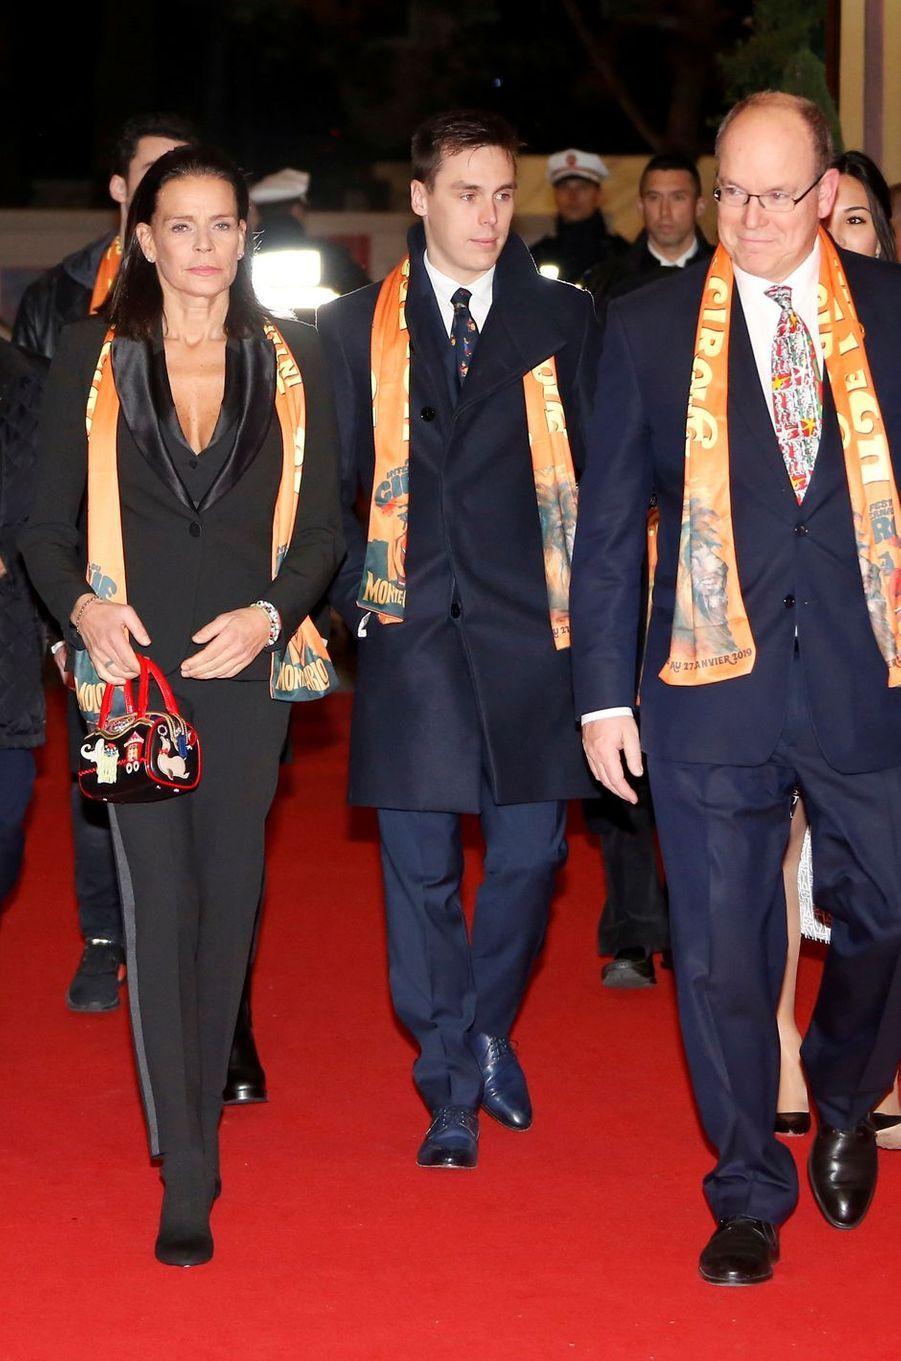 Le look de la princesse Stéphanie de Monaco au Festival international du cirque de Monte-Carlo, le 17 janvier 2019